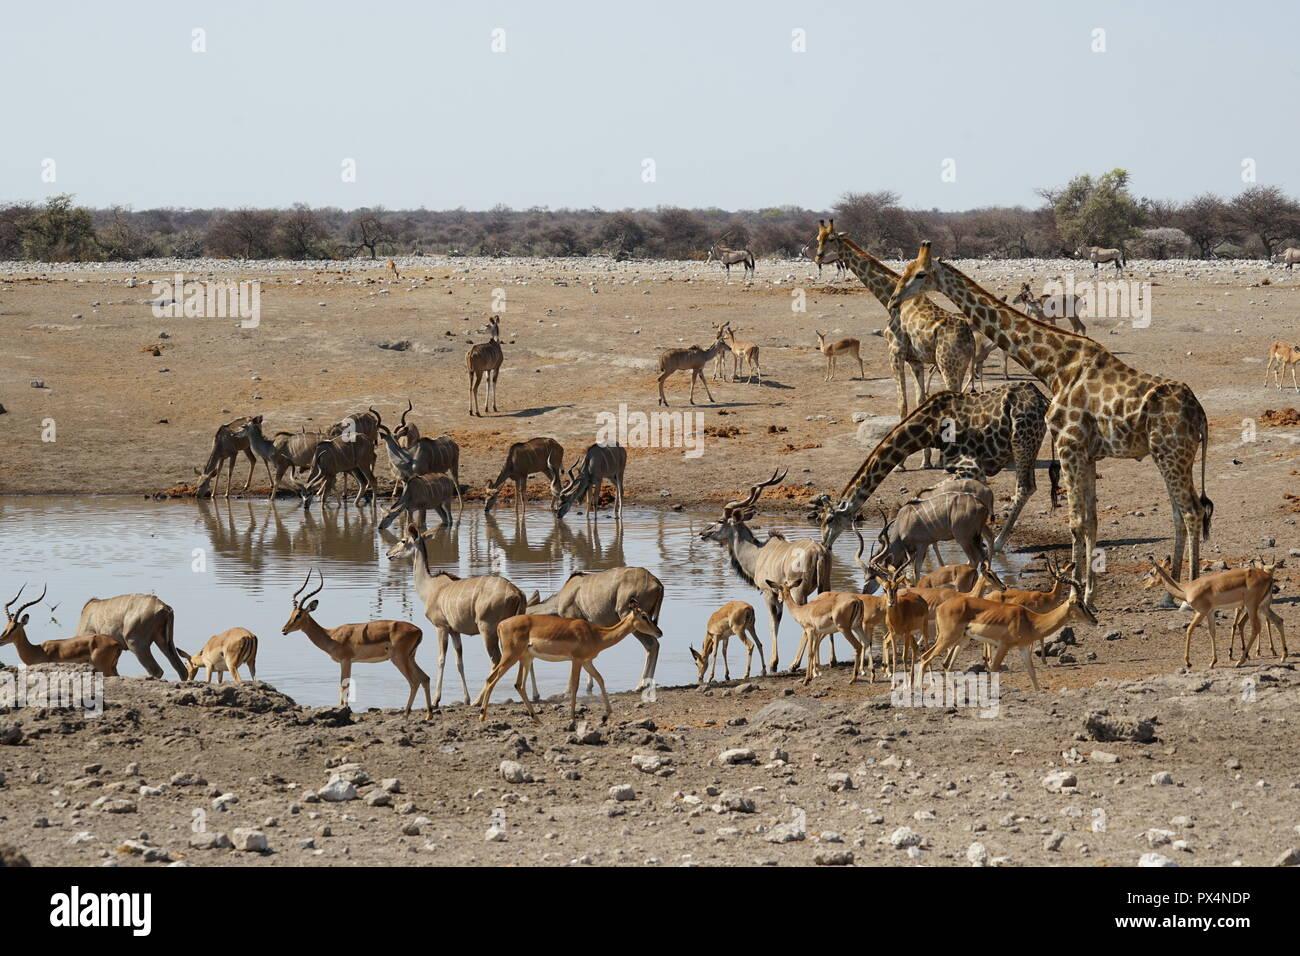 Tiere am Wasserloch 'Chudob', Etosha Nationalpark, Namibia Namibia, Afrika - Stock Image